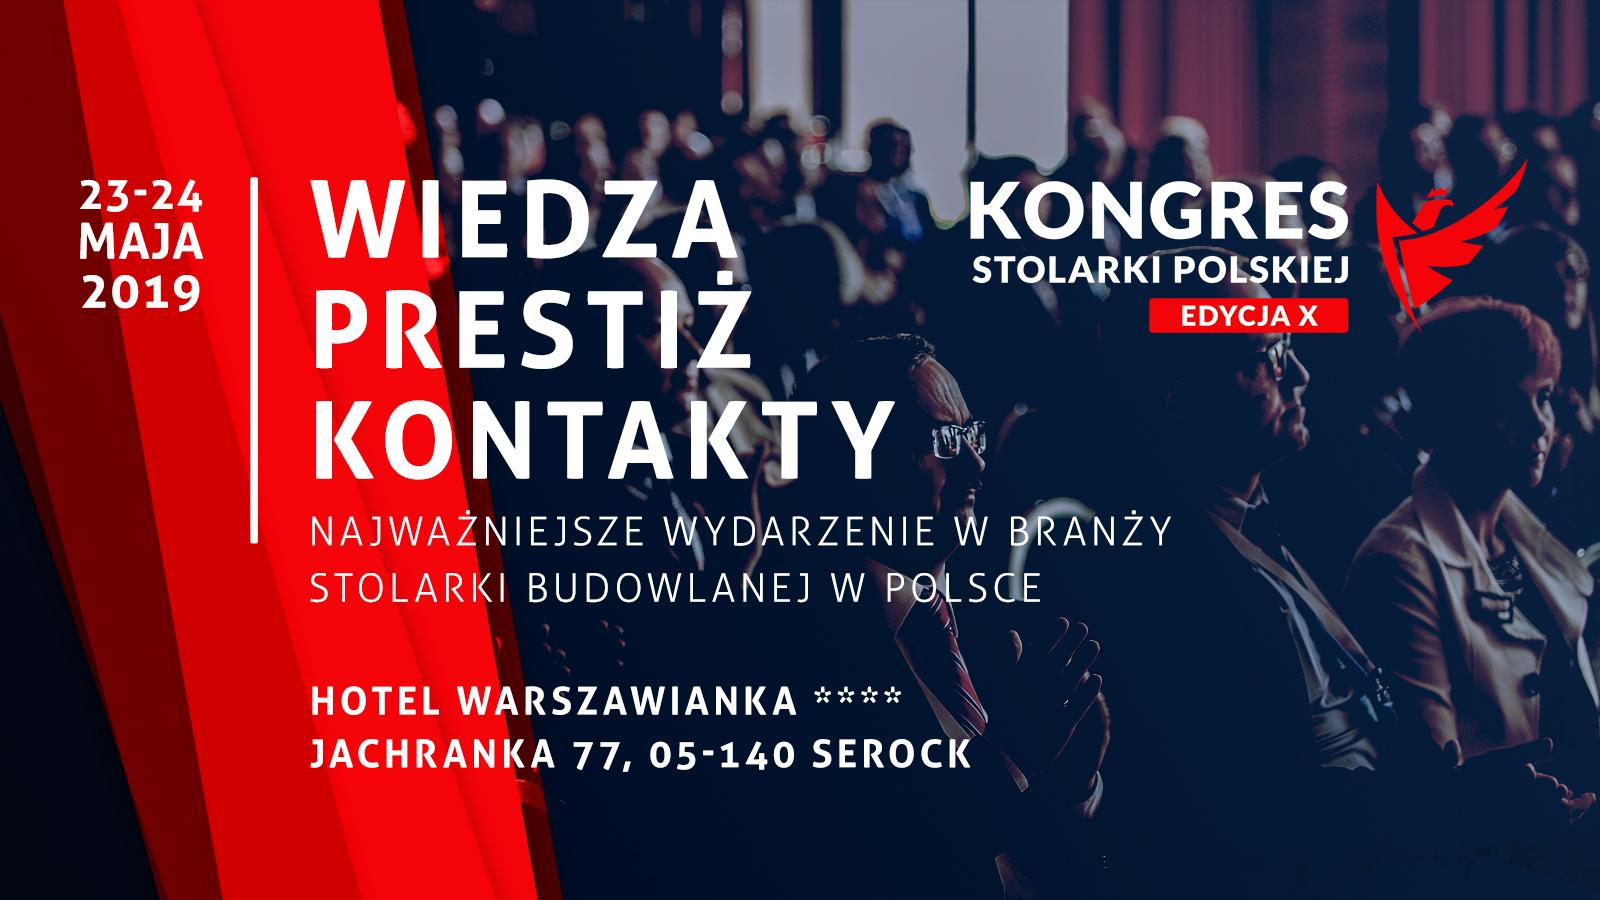 X KONGRES STOLARKI POLSKIEJ JUŻ W DNIACH 23-24 MAJA!